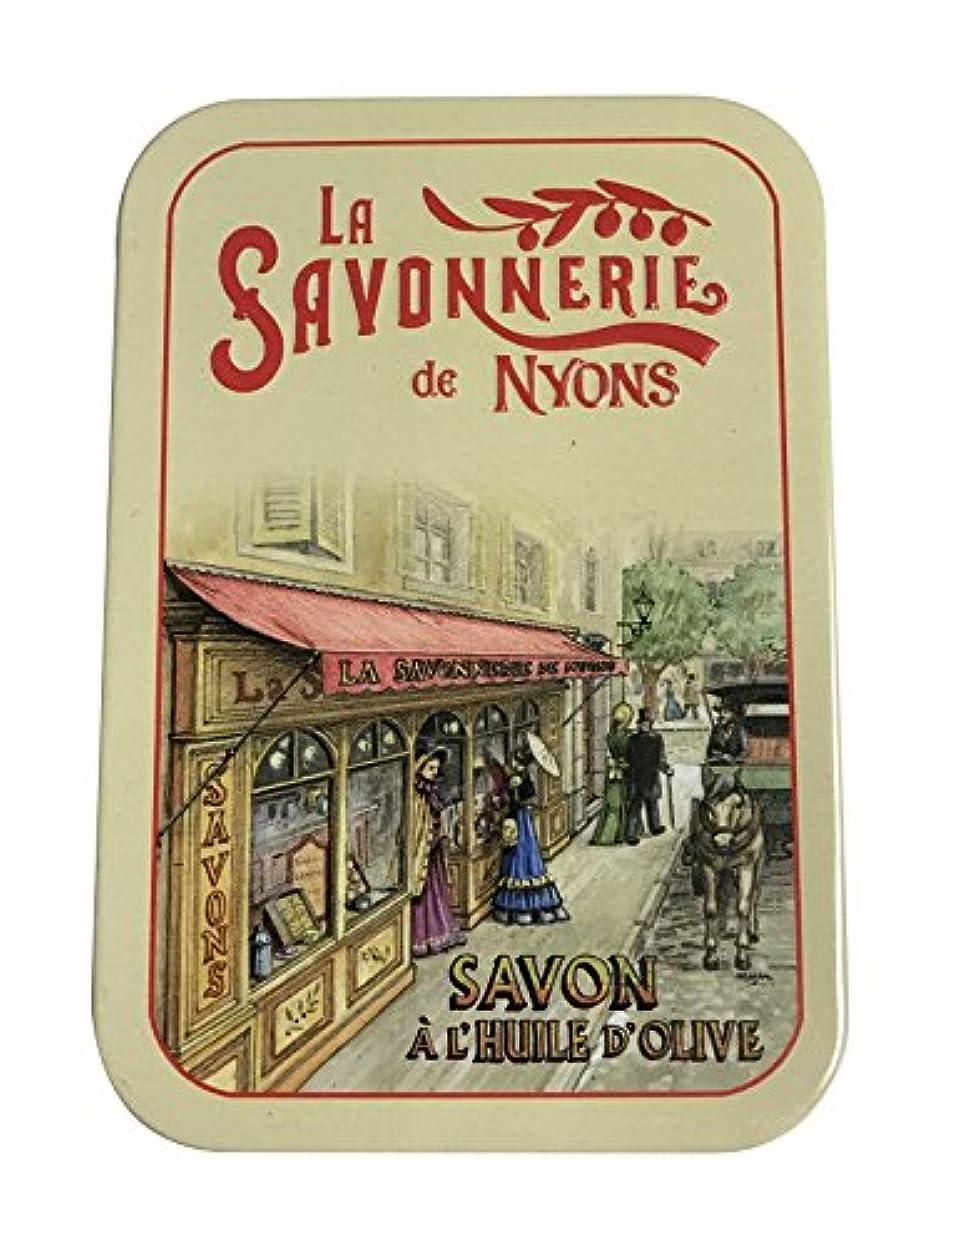 卑しい運命的なそこからラ?サボネリー アンティーク缶入り石鹸 タイプ200 パリの町並み(コットンフラワー)